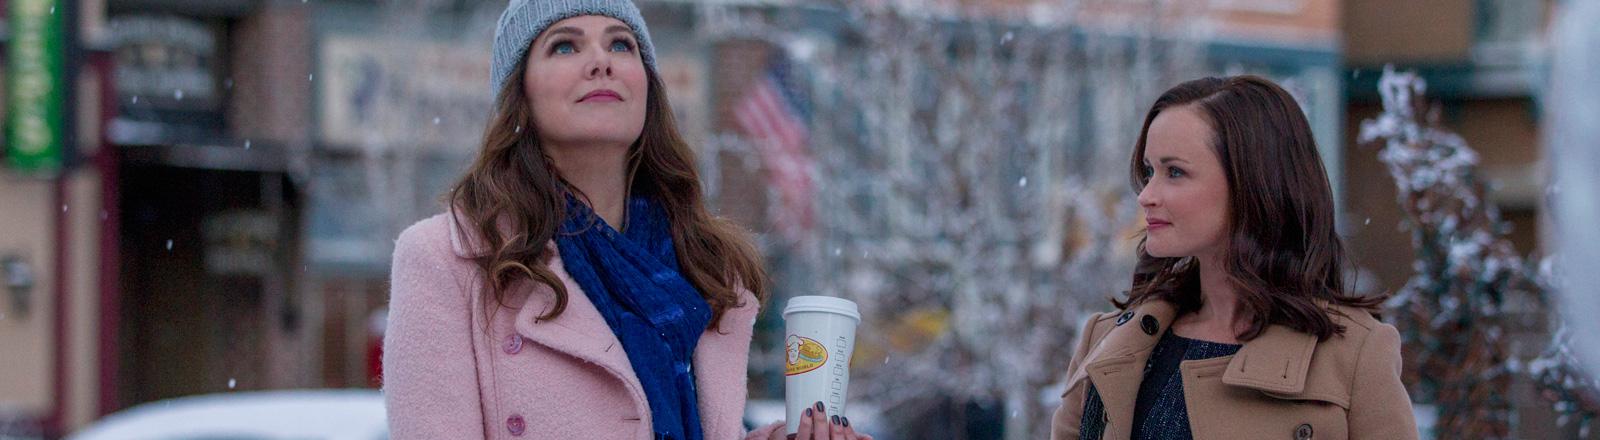 """Lauren Graham und Alexis Bledel in der neuen Staffel """"Ein neues Jahr"""" der Serie """"Gillmore Girls"""""""